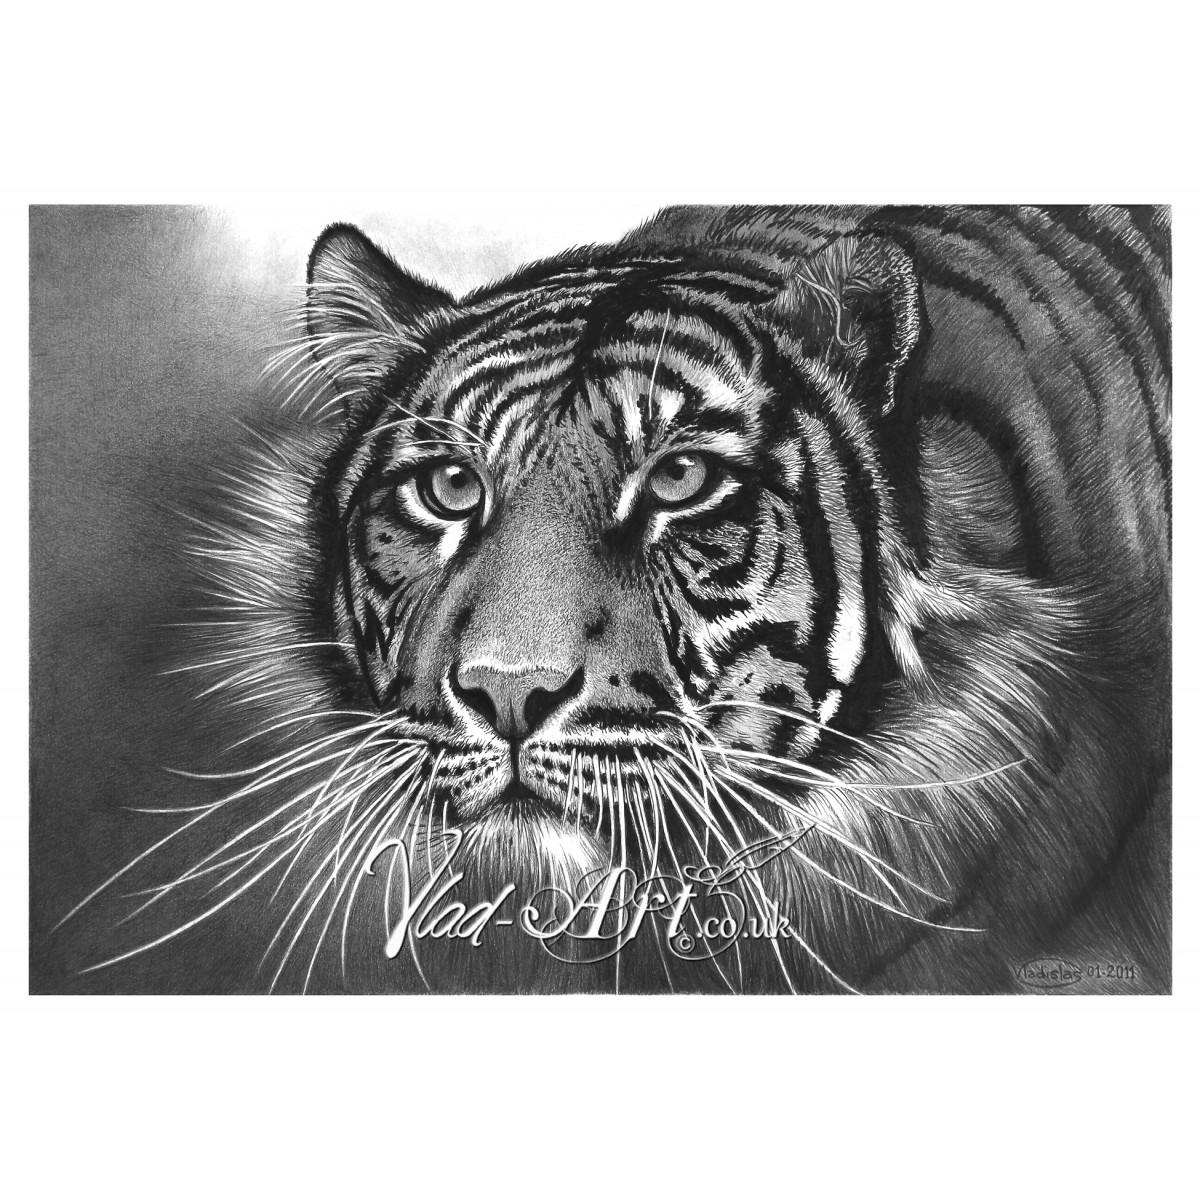 Skulking tiger head pencil drawing by Vlad-Art